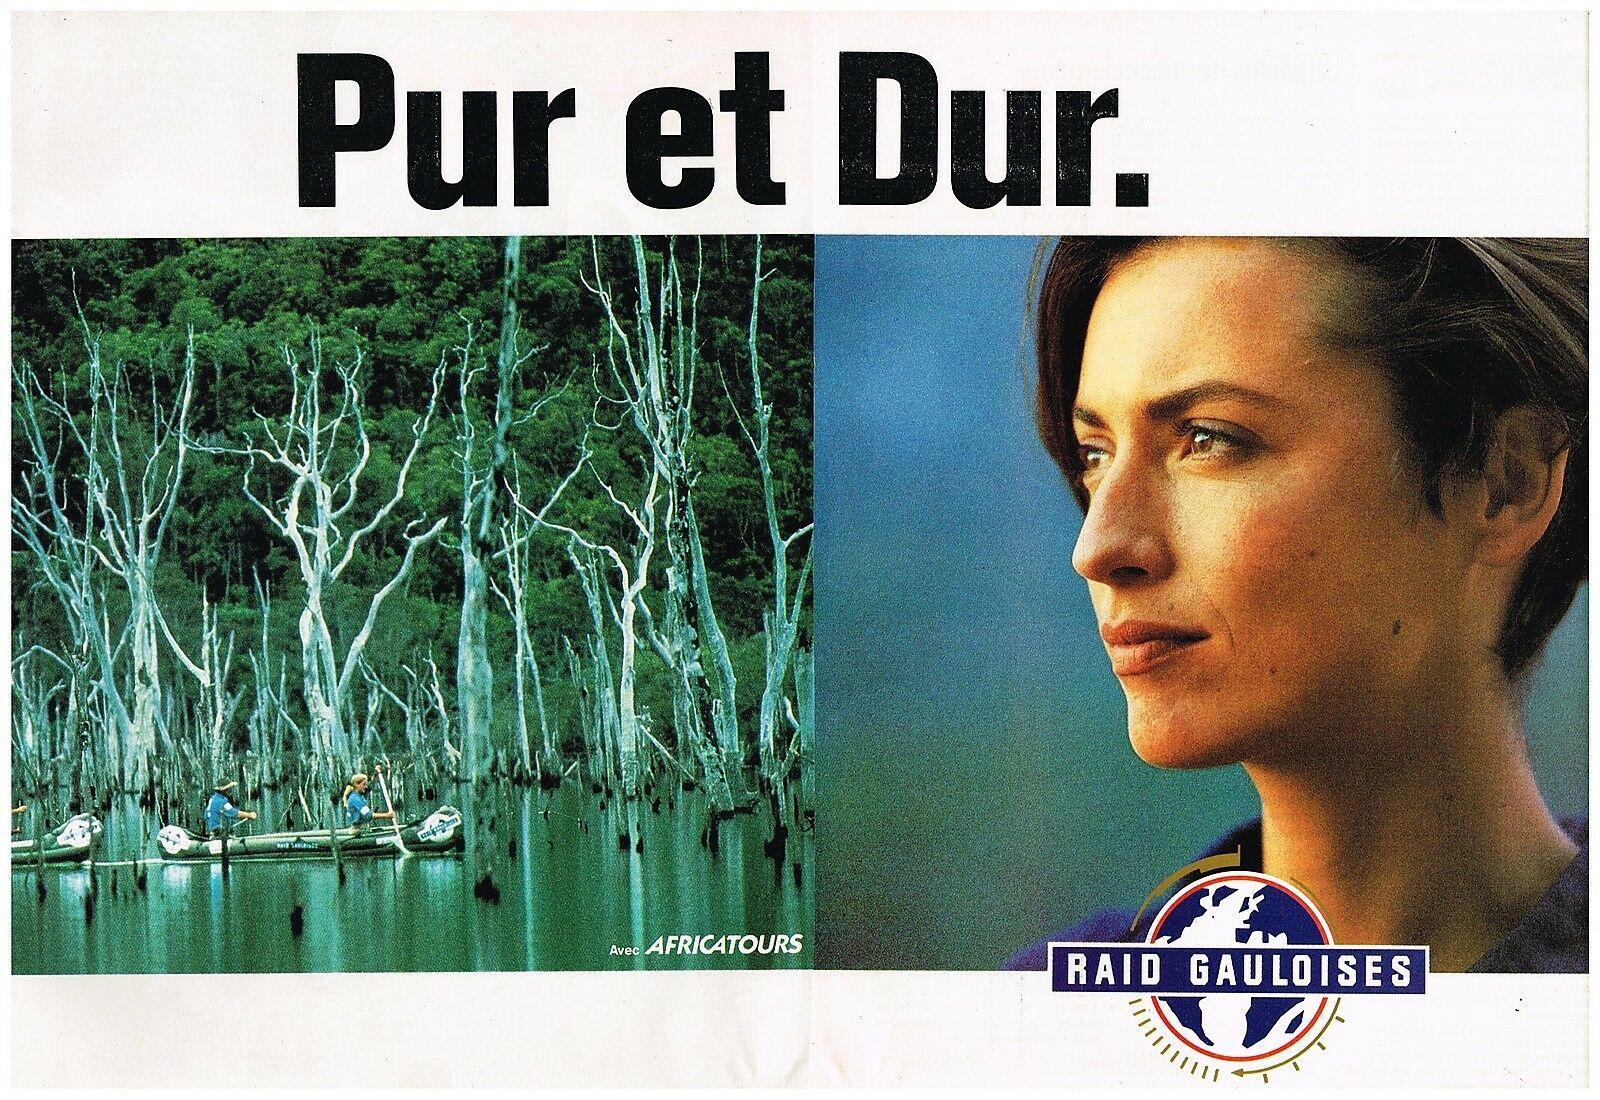 1992 Raid Gauloises